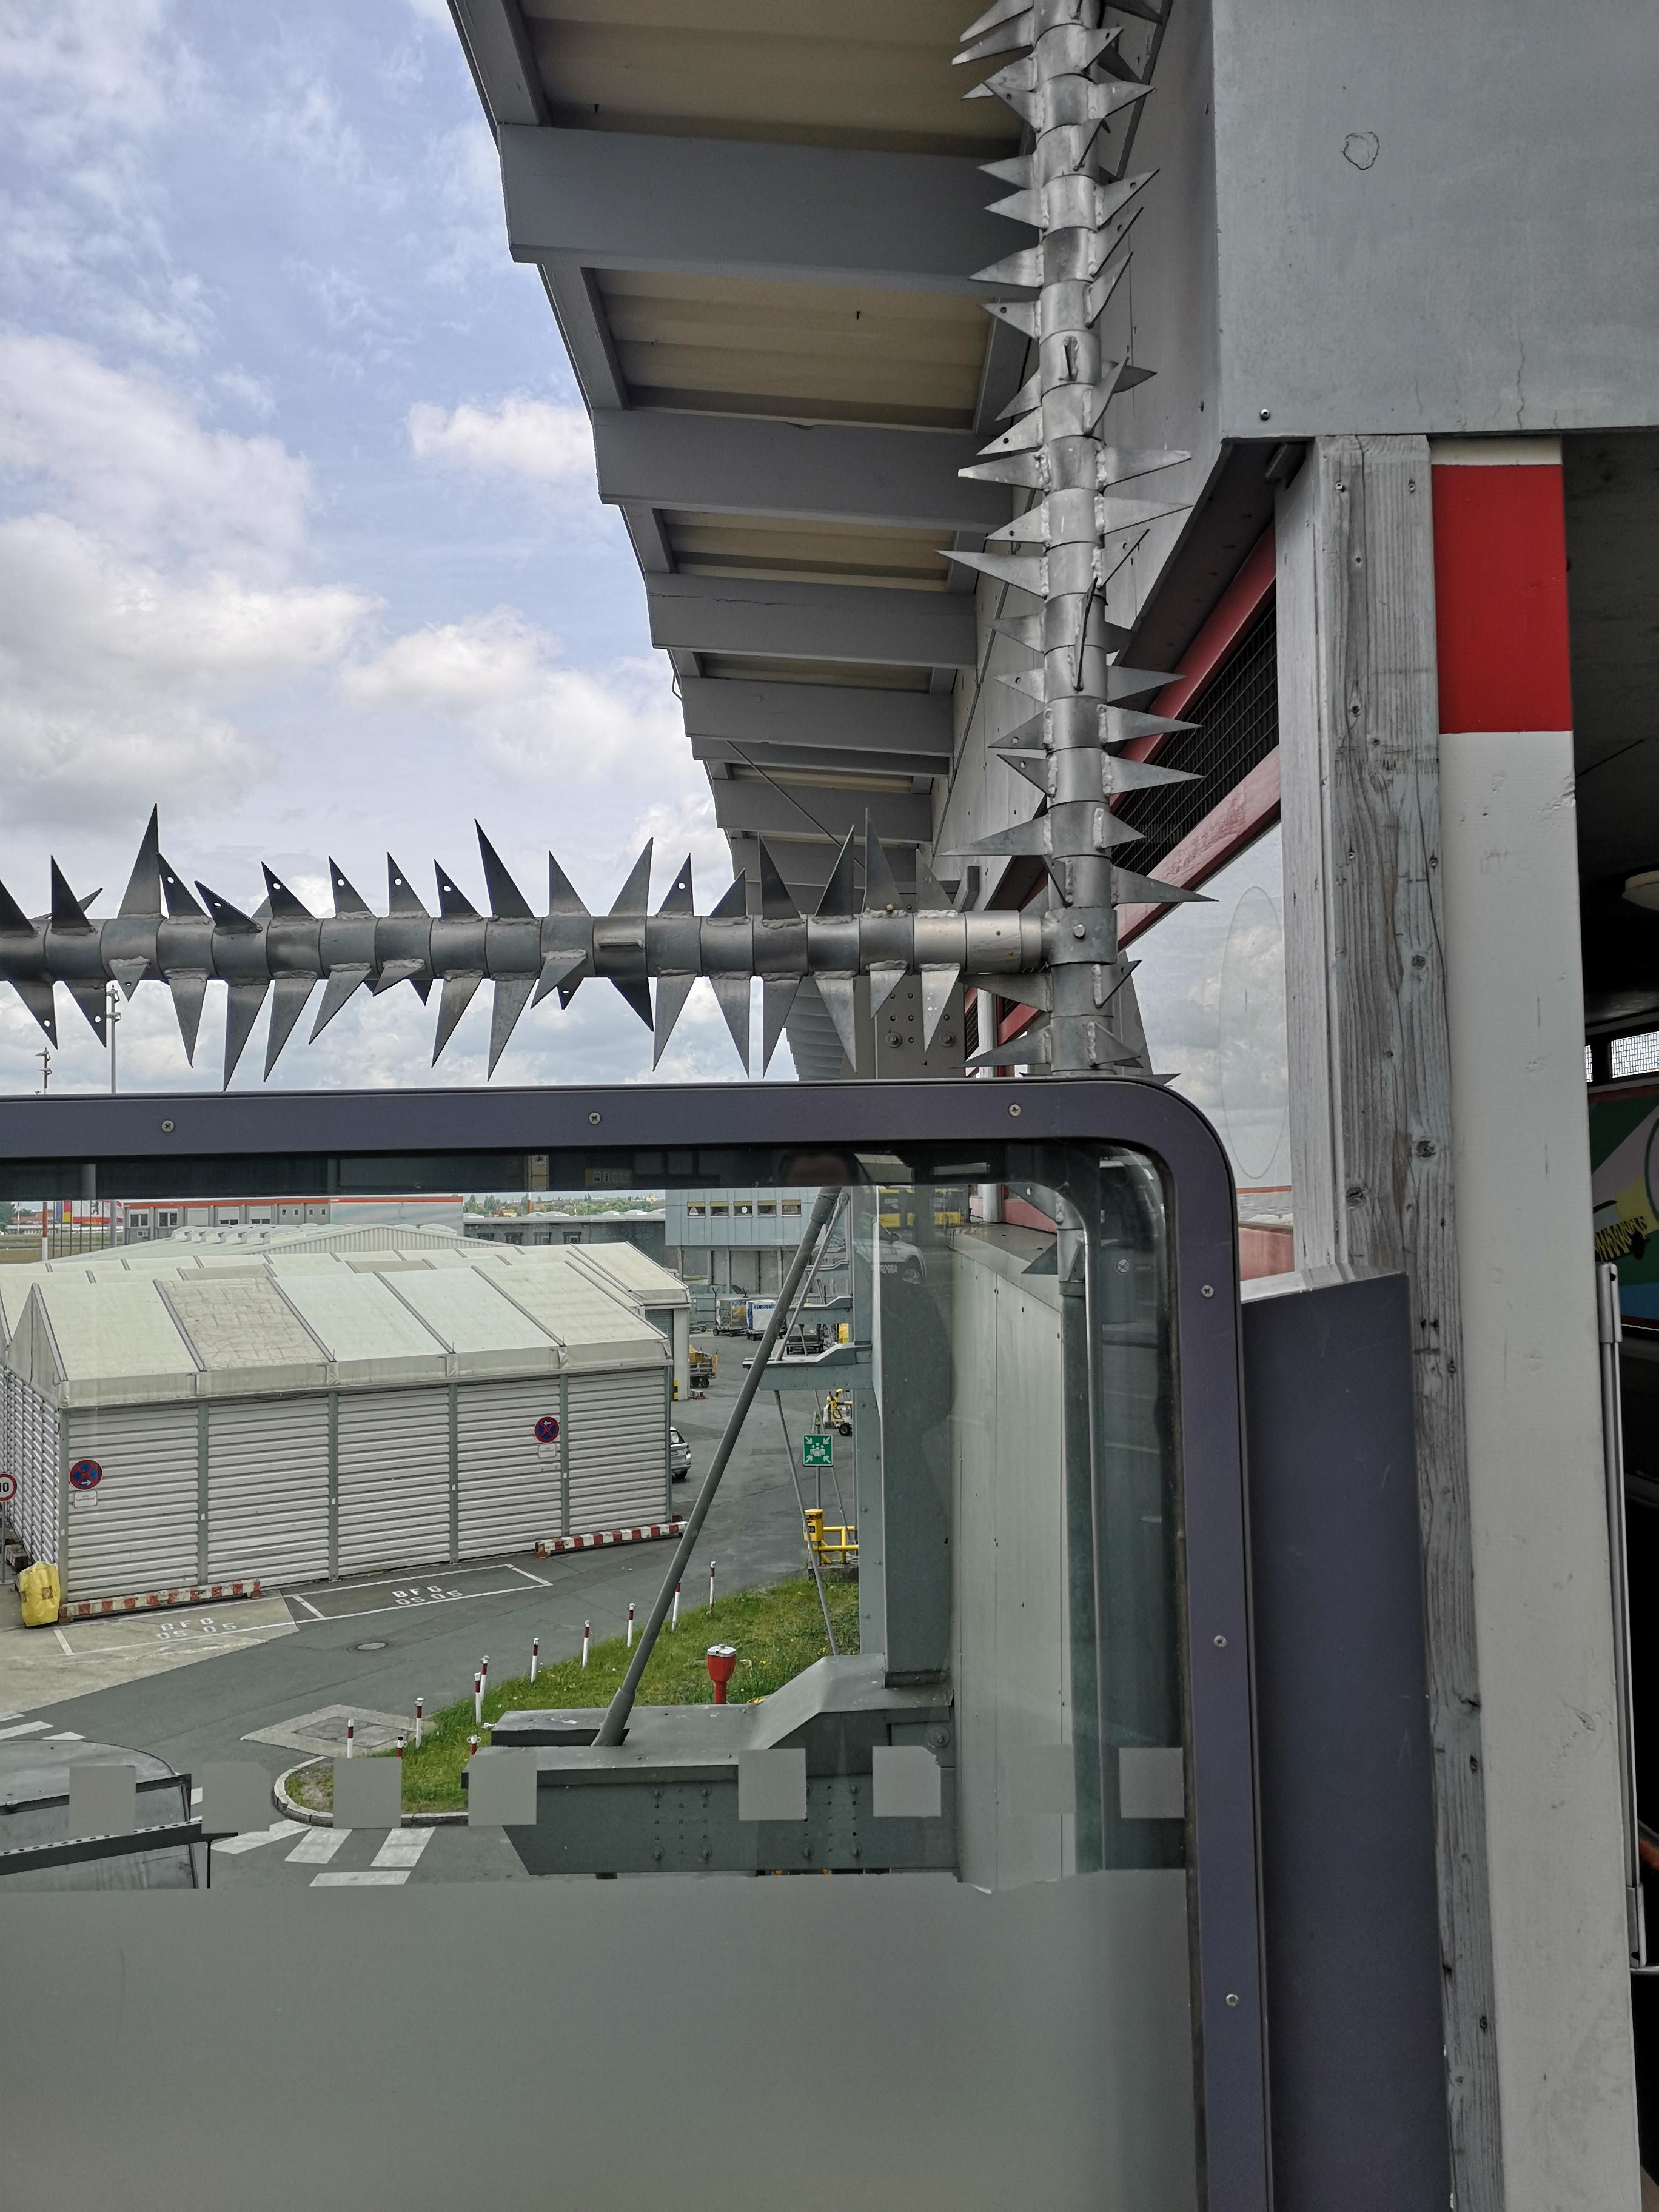 Flughafen-Tegel-Berlin-Schliessung-Stacheldraht